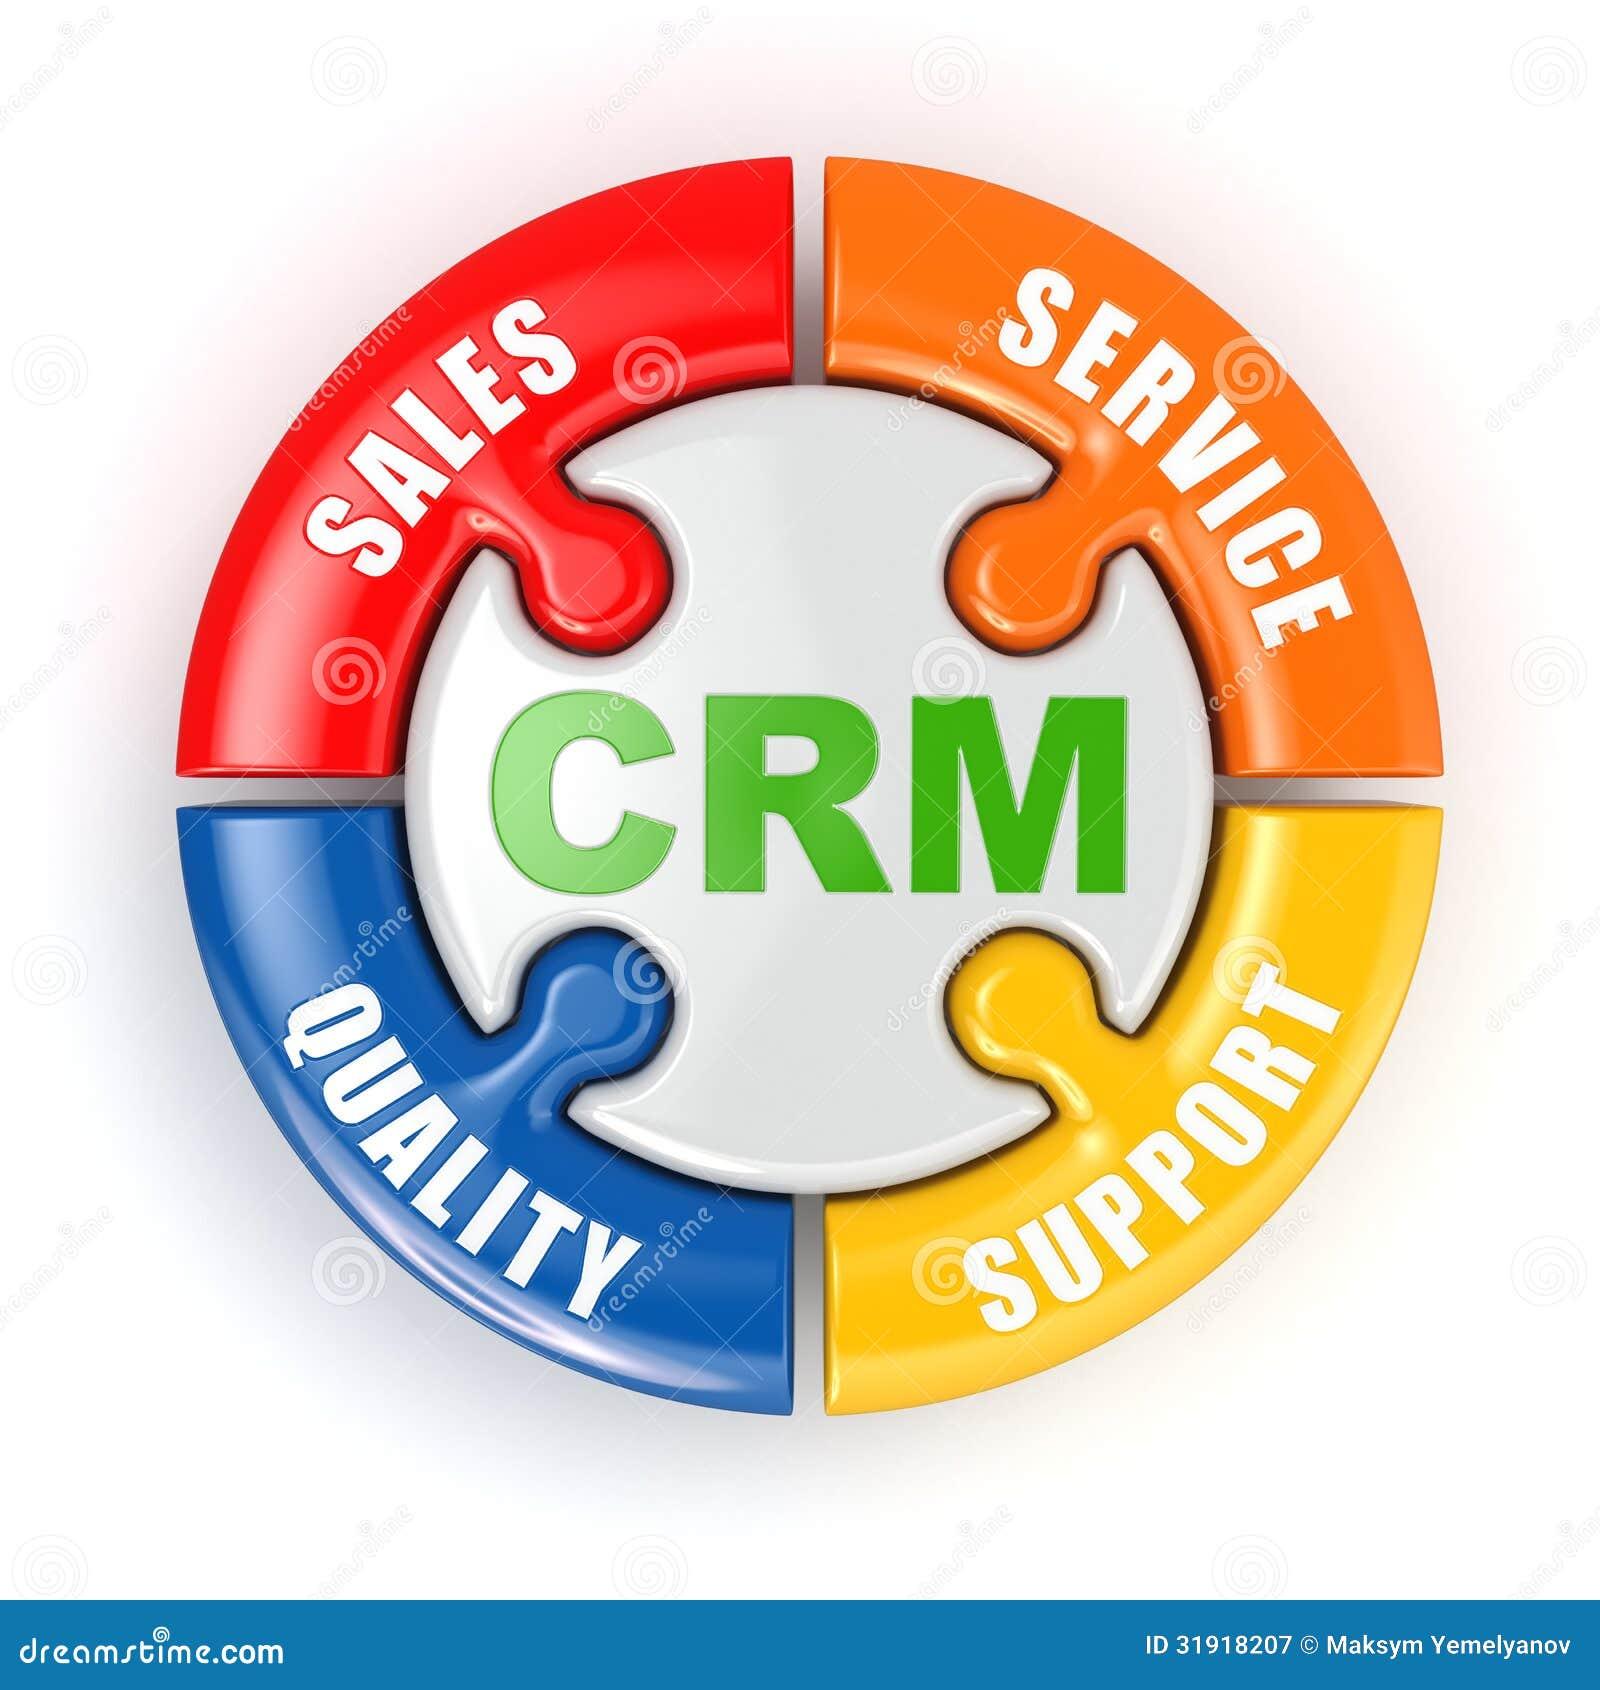 客户关系管理。顾客关系营销概念。